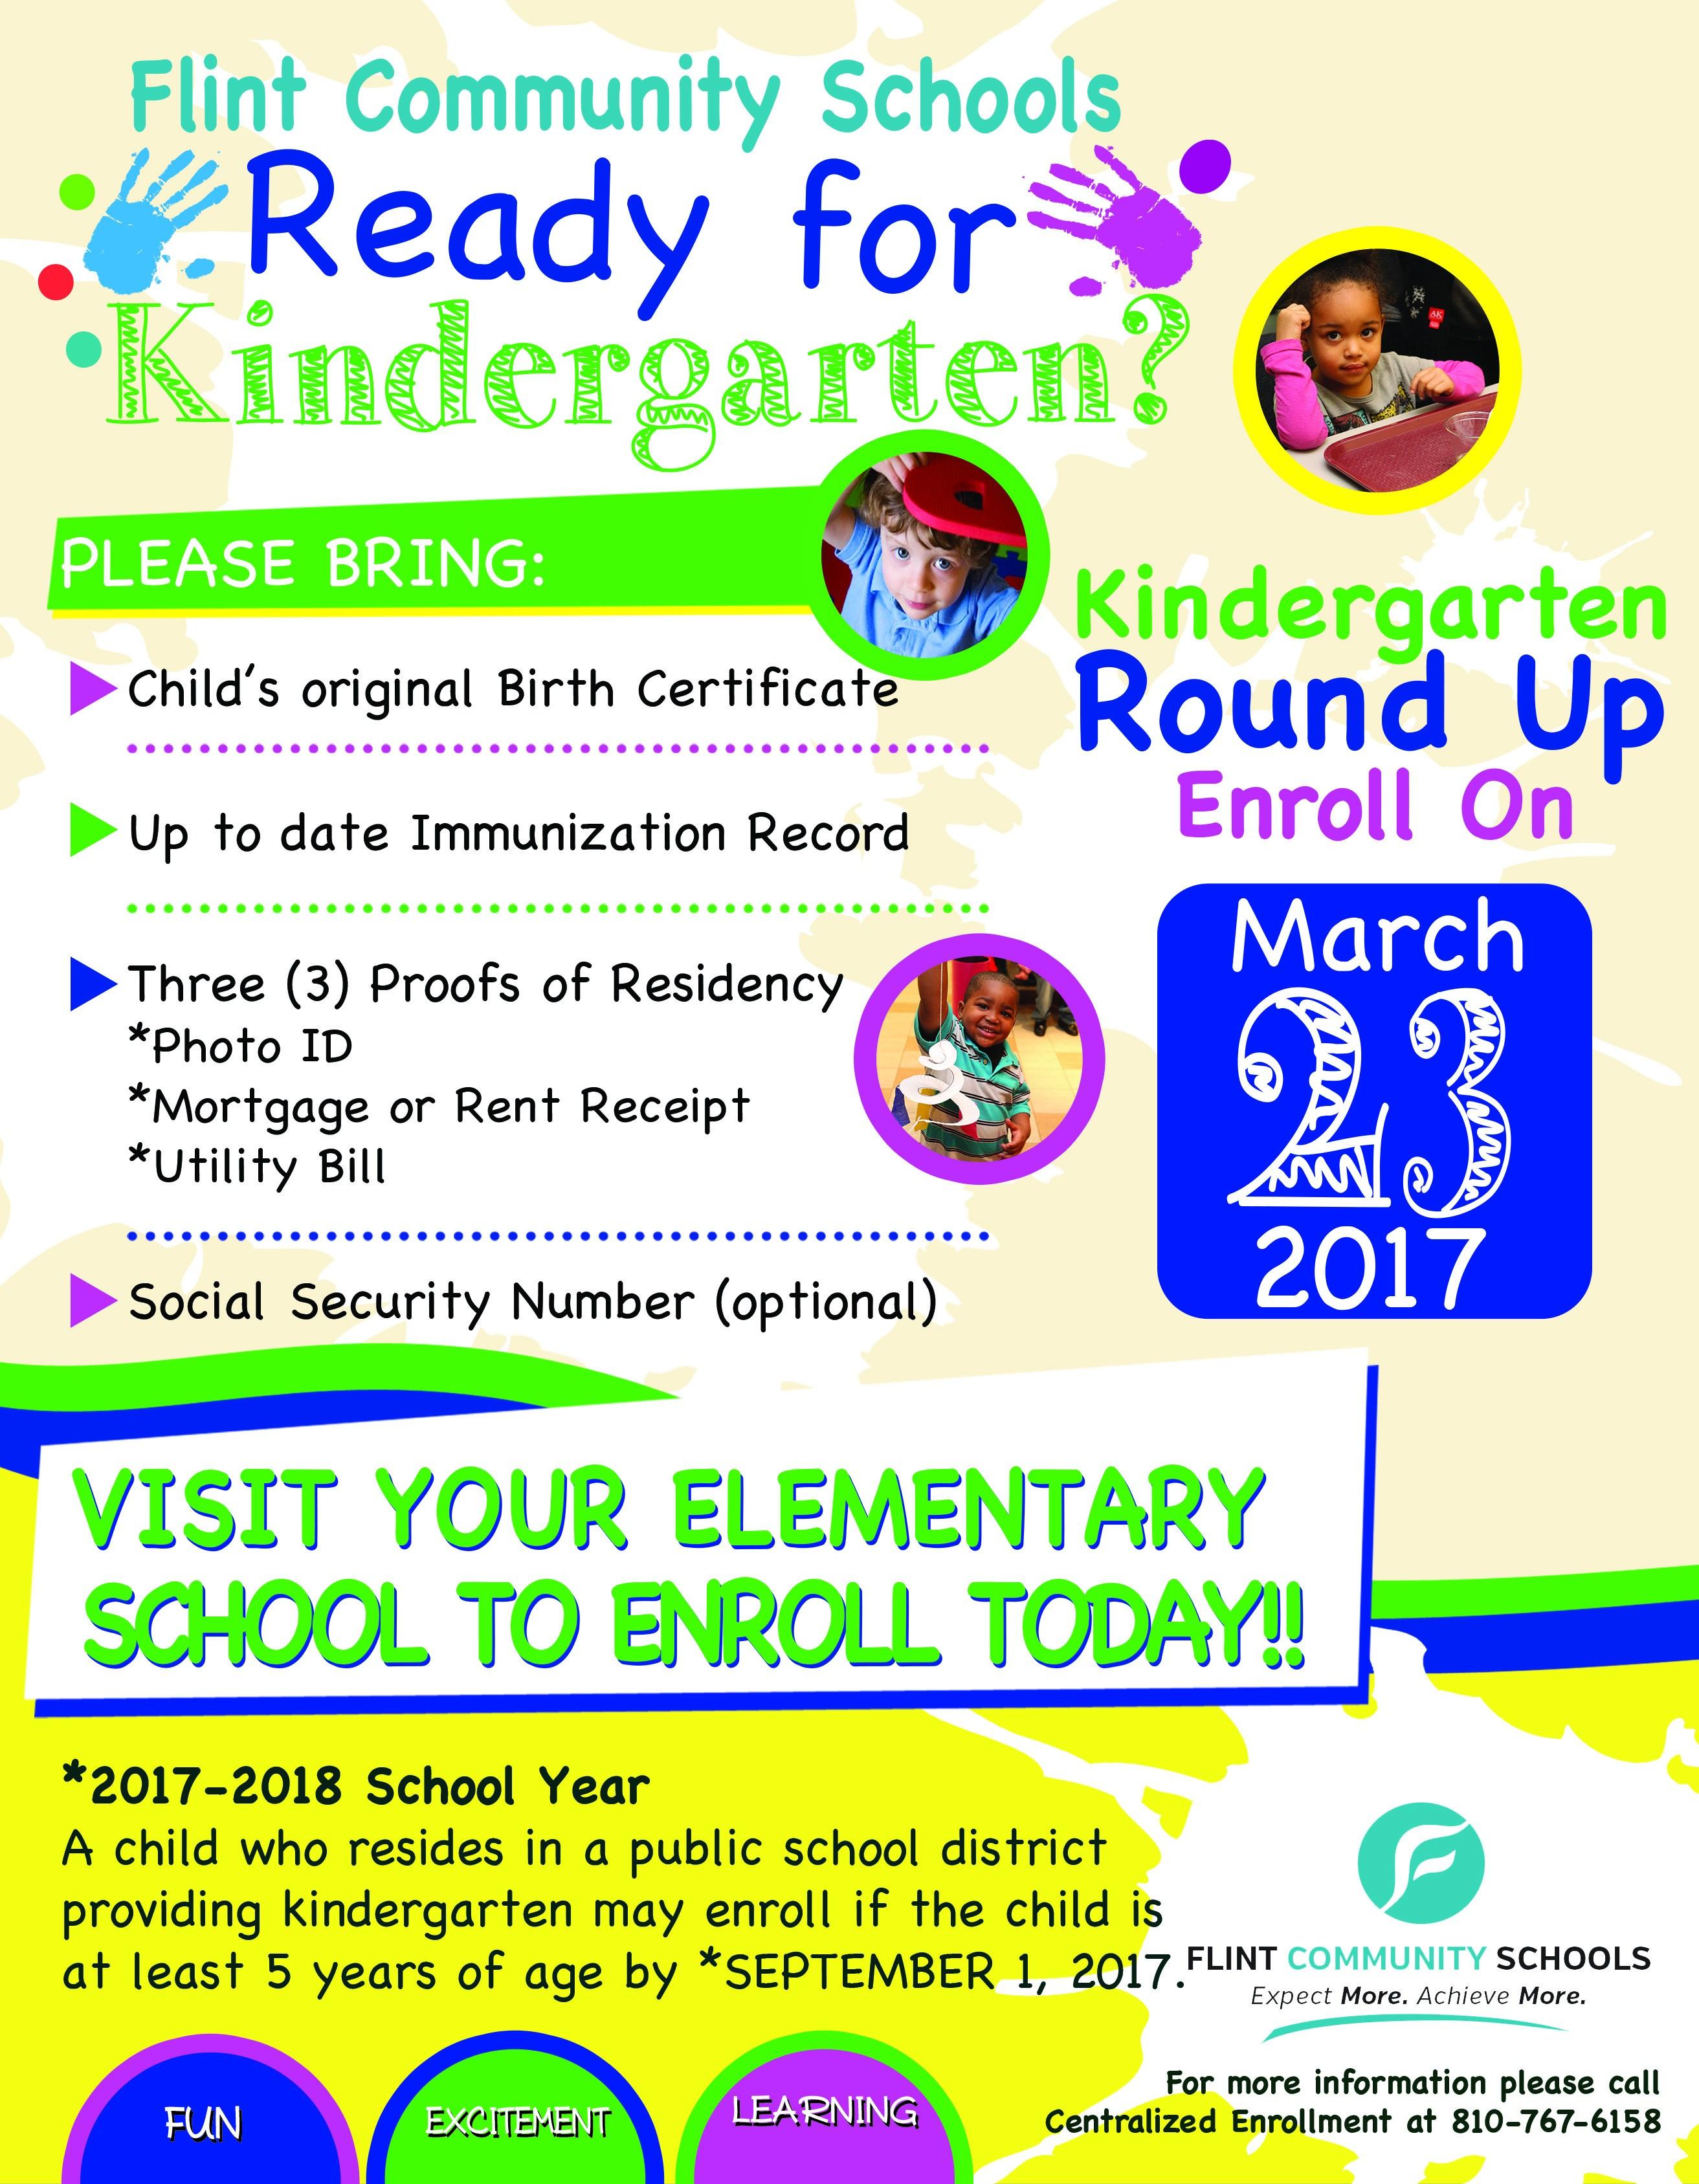 Kindergarten Round Up Calendar March 23, 2017 District Wide